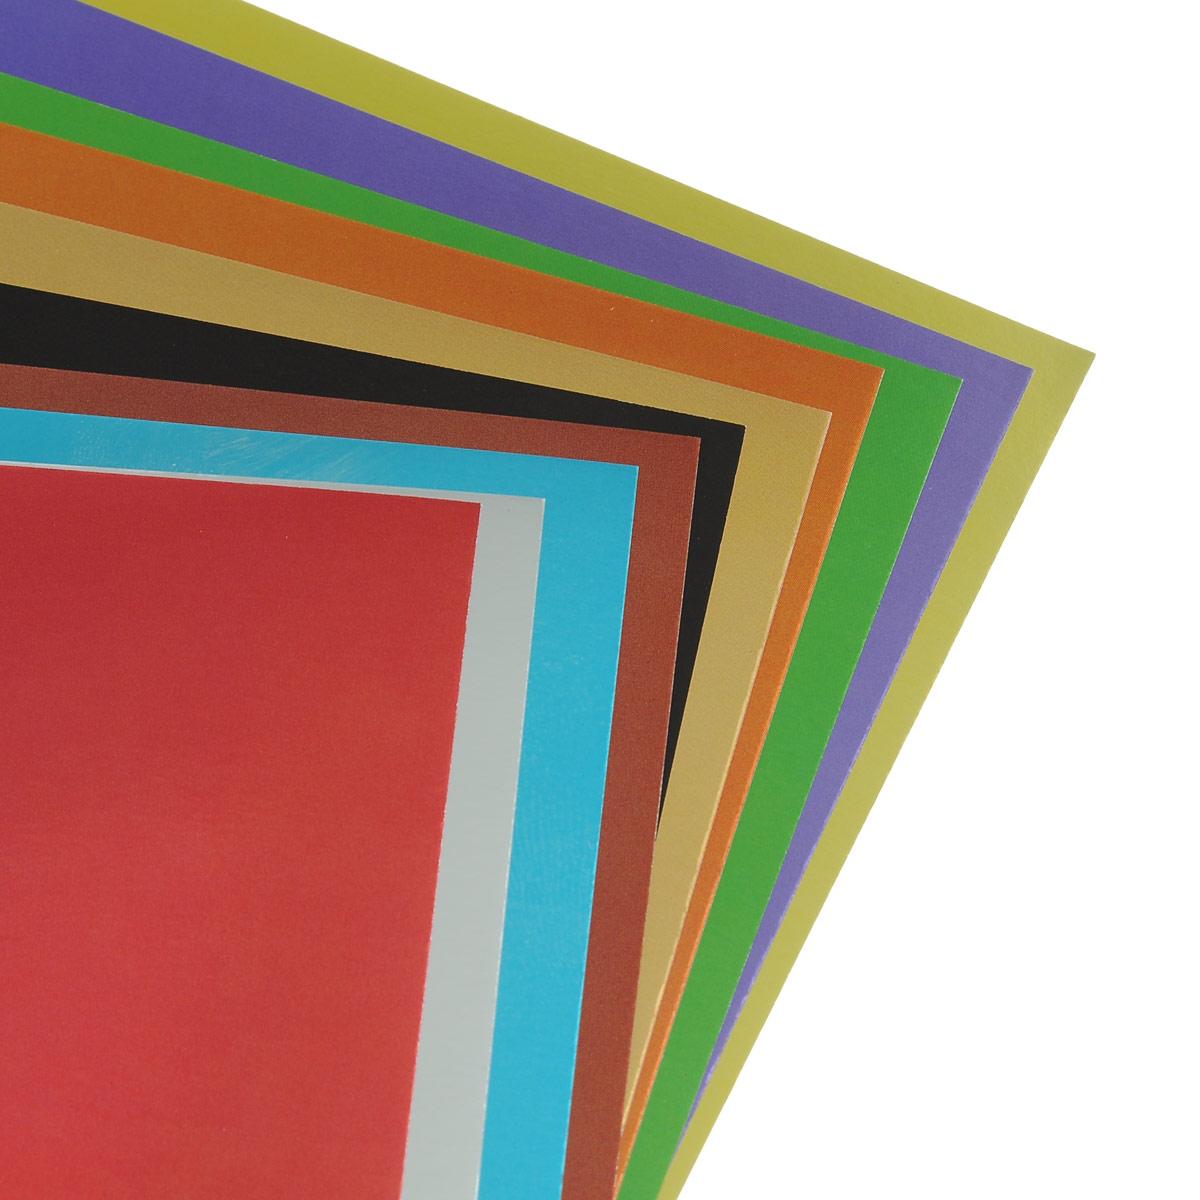 Картон цветной Hatber Дельфин, металлизированный, позволит создавать всевозможные аппликации и поделки. Набор включает 10 листов одностороннего цветного картона формата А4. Цвета: красный, серебристый, синий, коричневый, черный, золотистый, светло - коричневый, зеленый, фиолетовый, желтый. Создание поделок из цветного картона позволяет ребенку развивать творческие способности, кроме того, это увлекательный досуг.